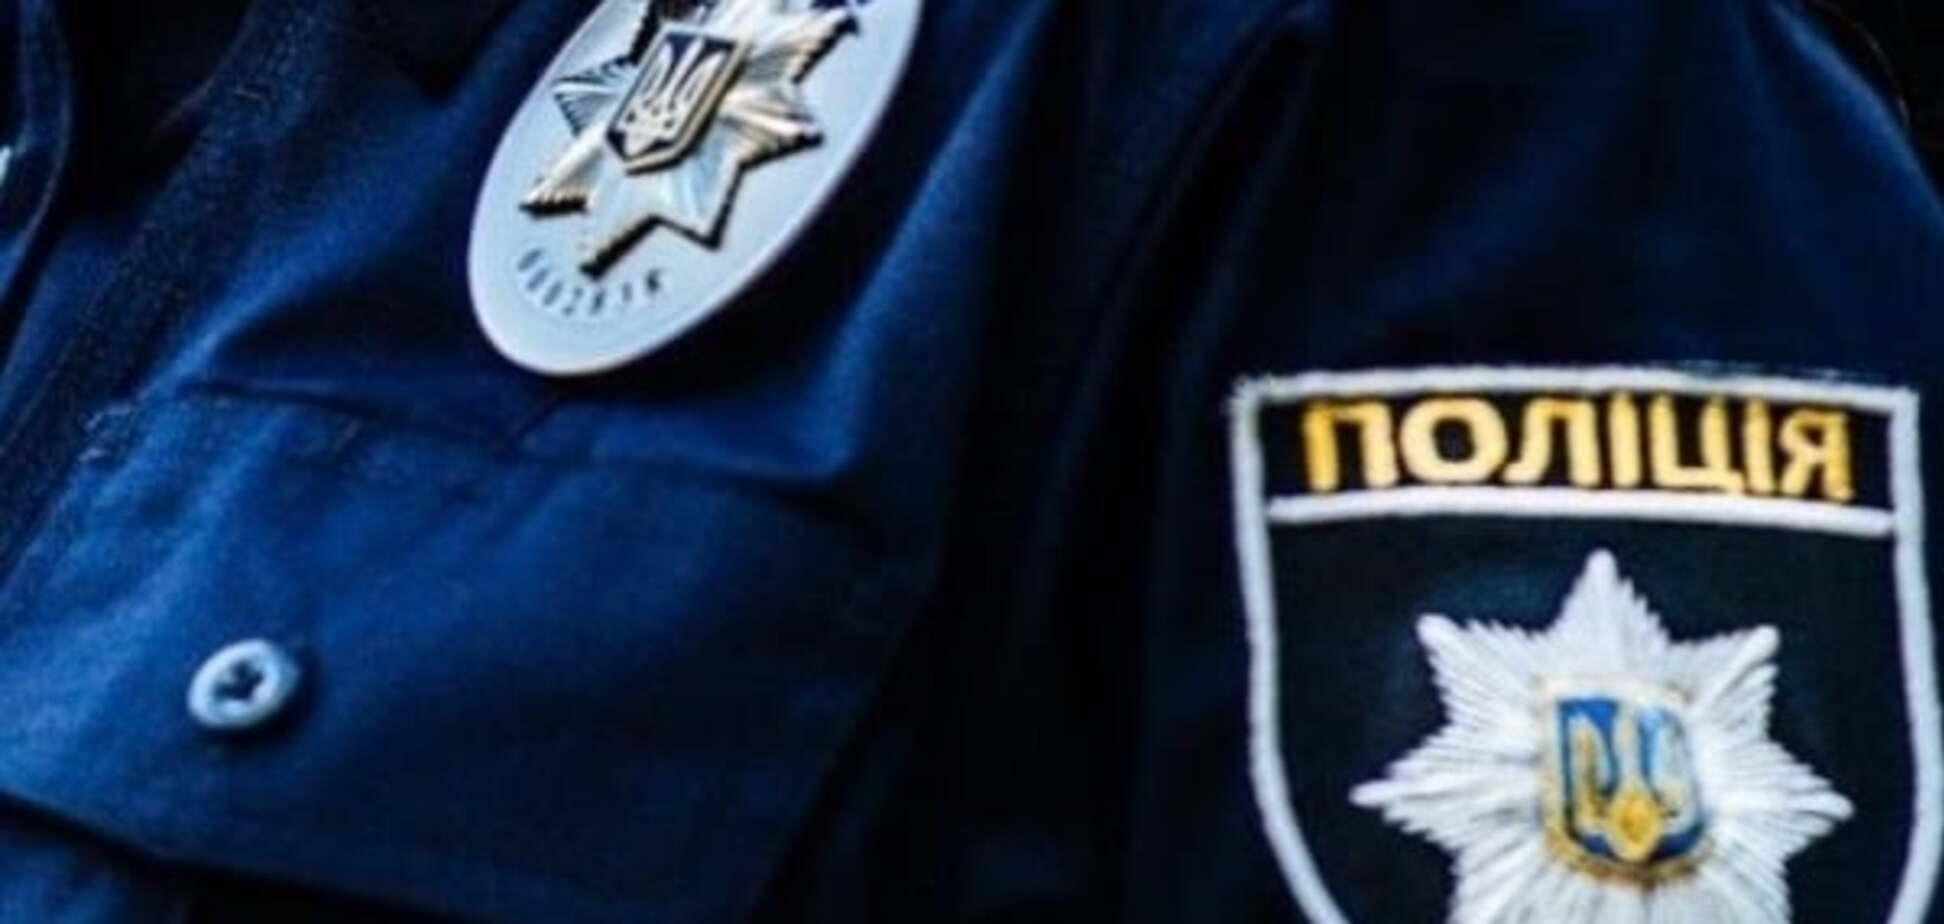 В Киеве полиция задержала вооруженных бандитов: опубликованы фото